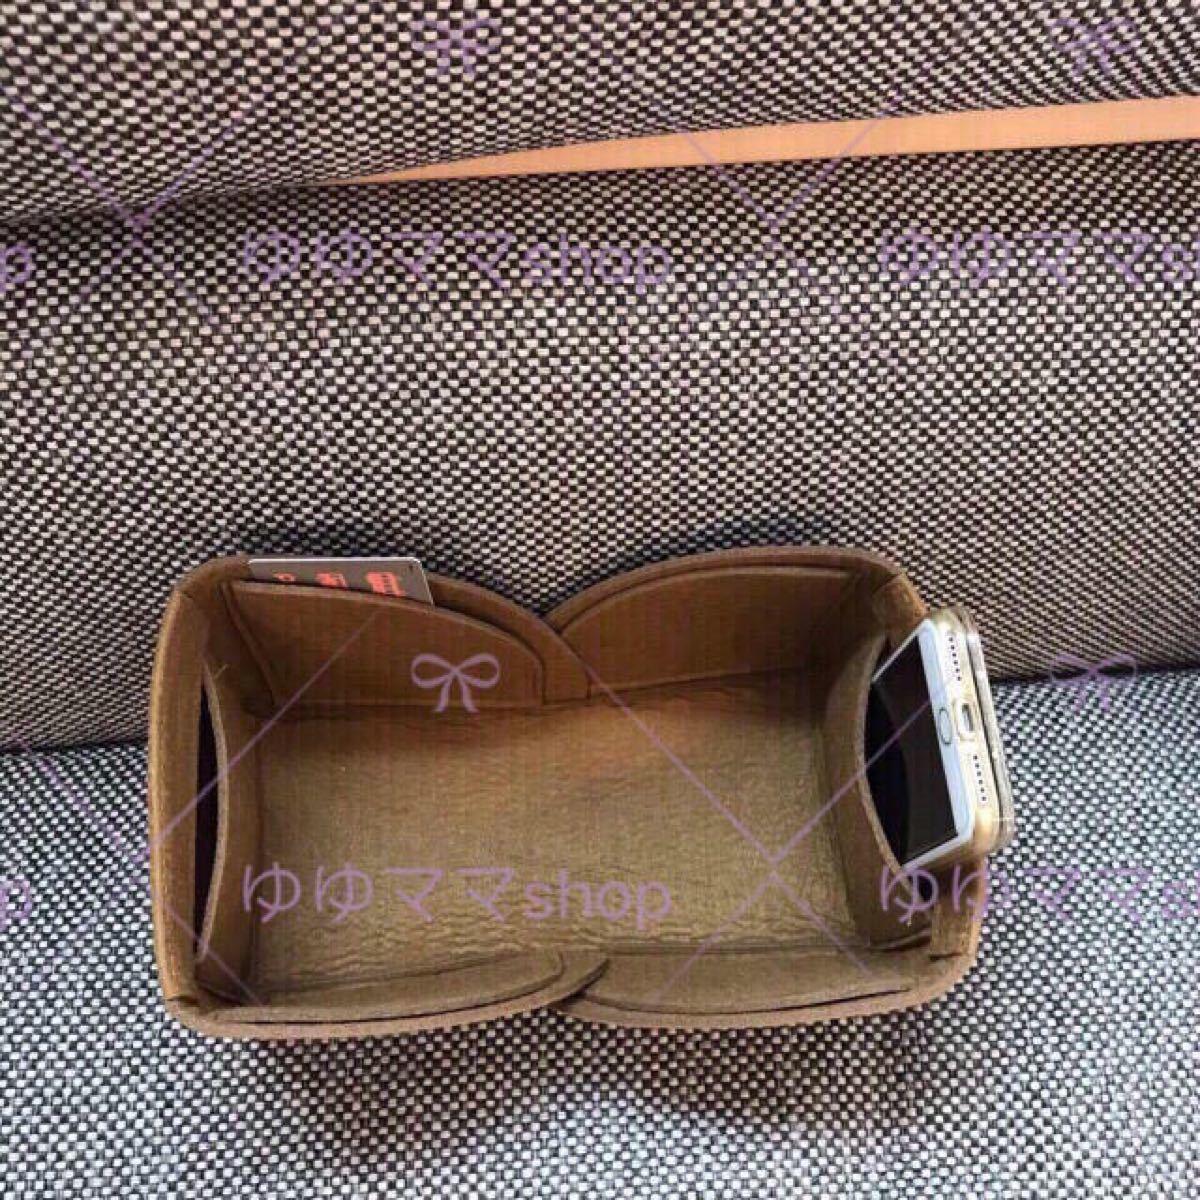 新品バッグインバッグ インナーバッグ キャメル色 リンディ30cm用